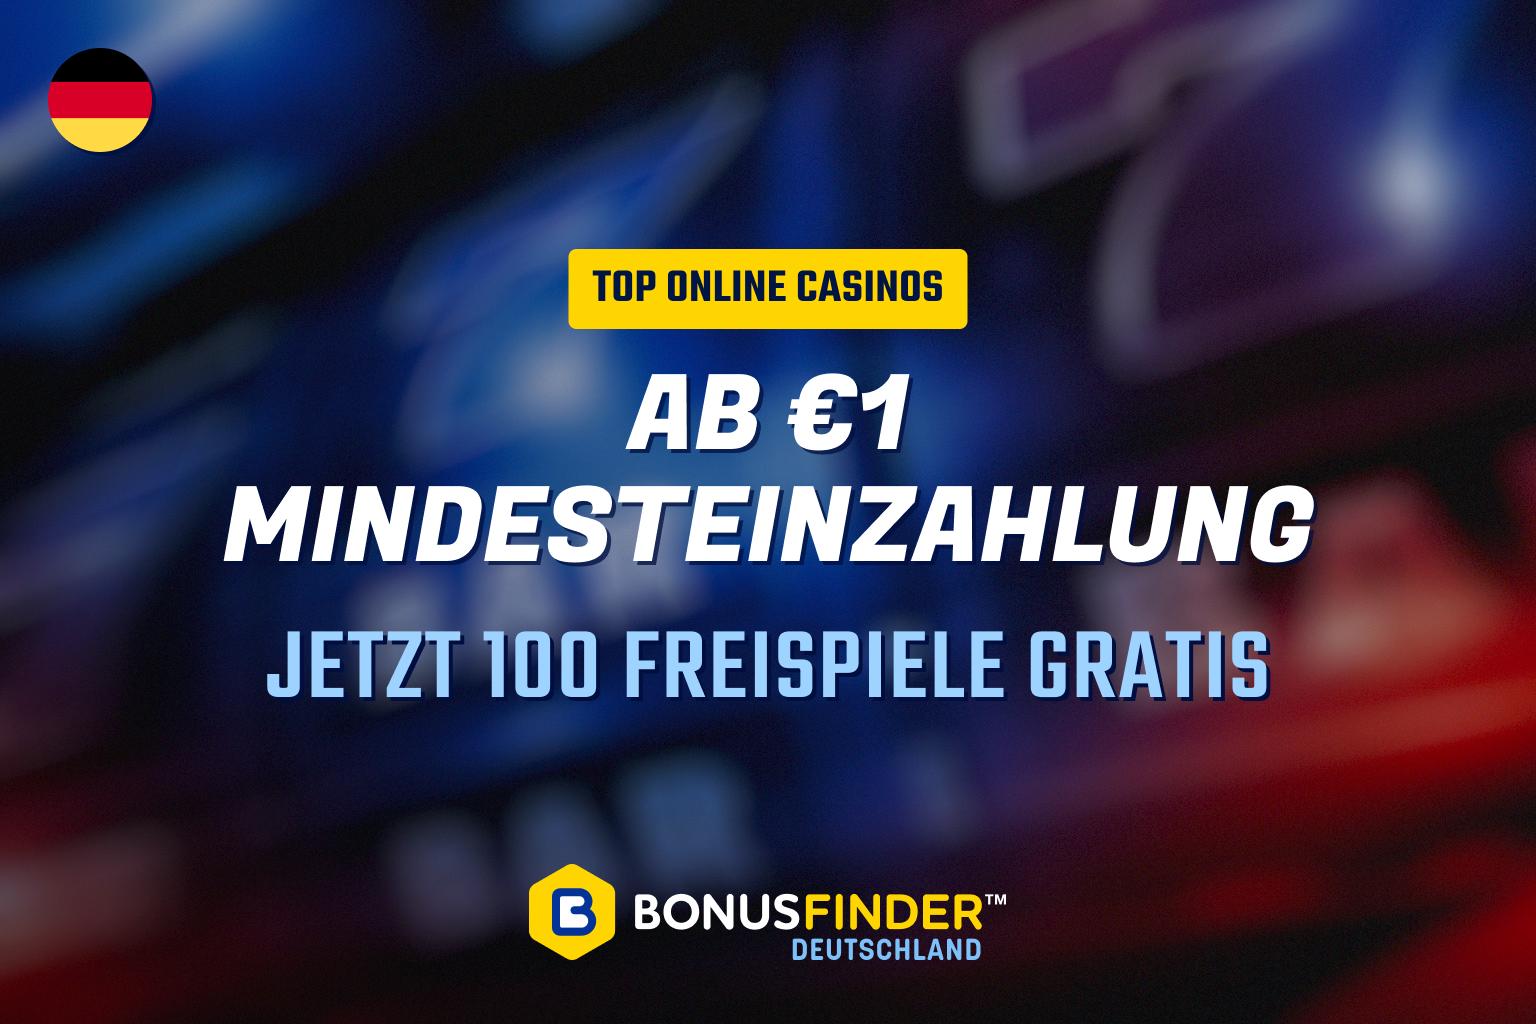 casinos mit mindesteinzahlung